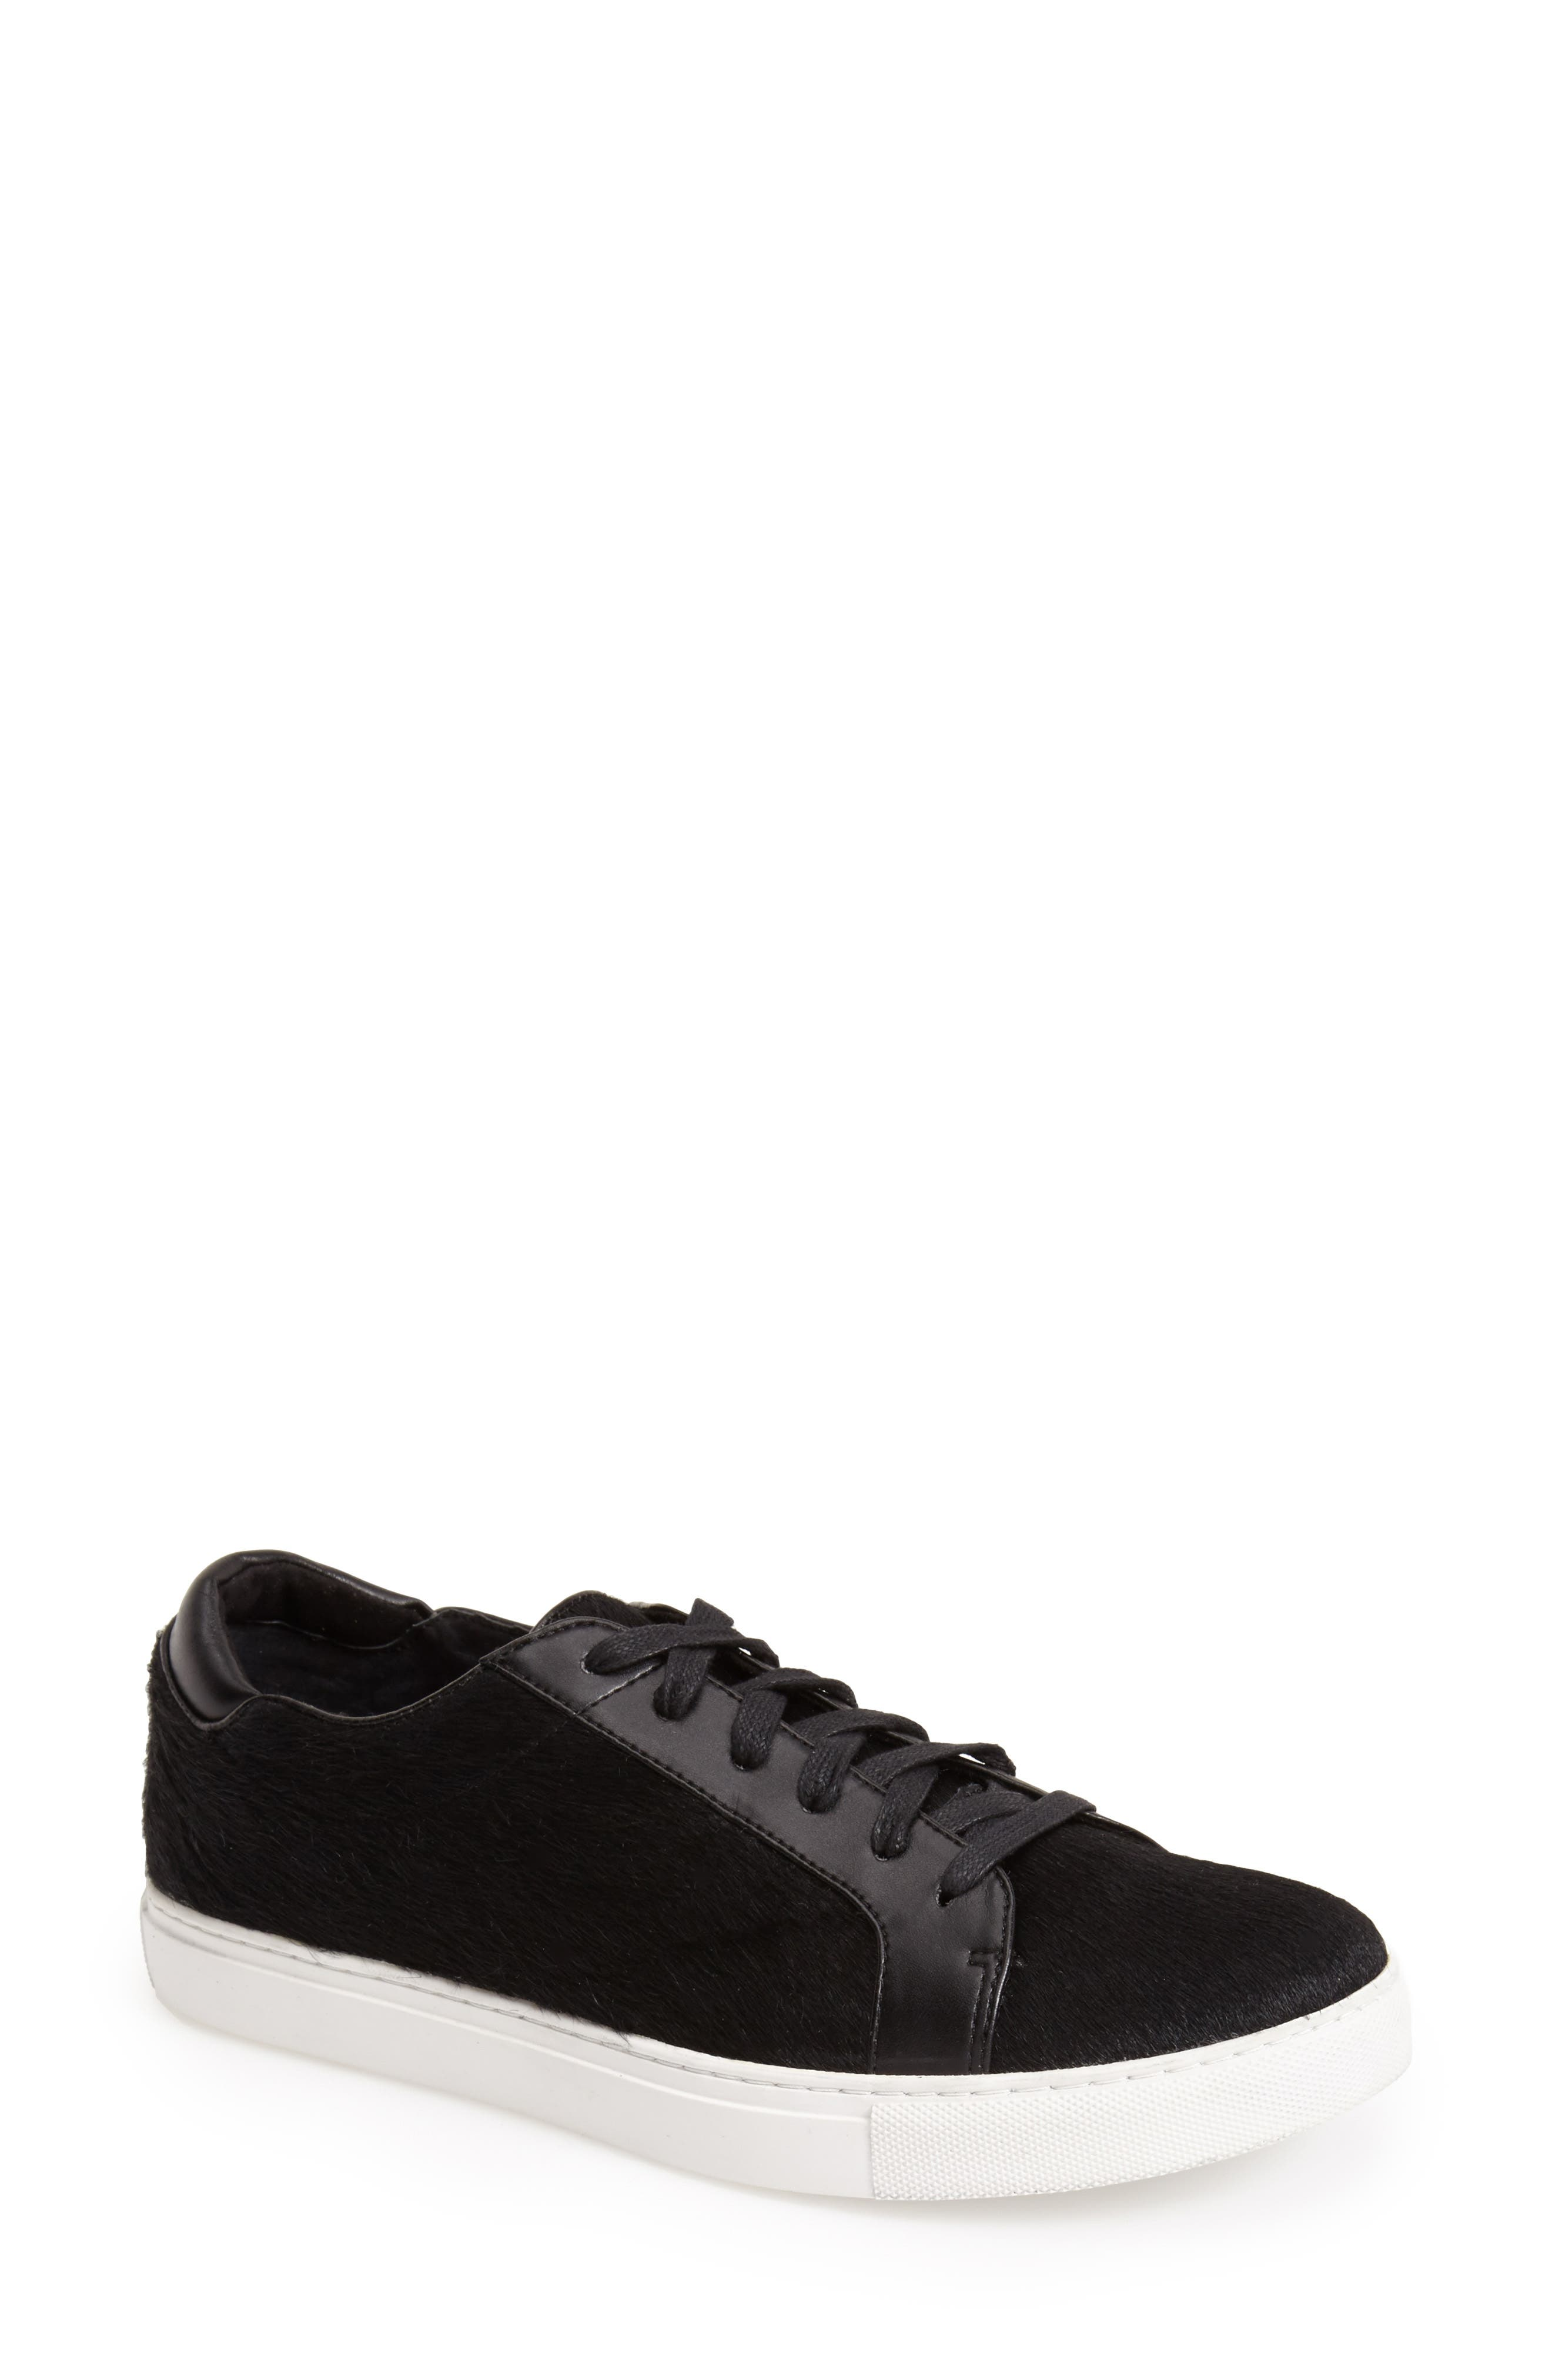 'Kam' Sneaker,                             Alternate thumbnail 201, color,